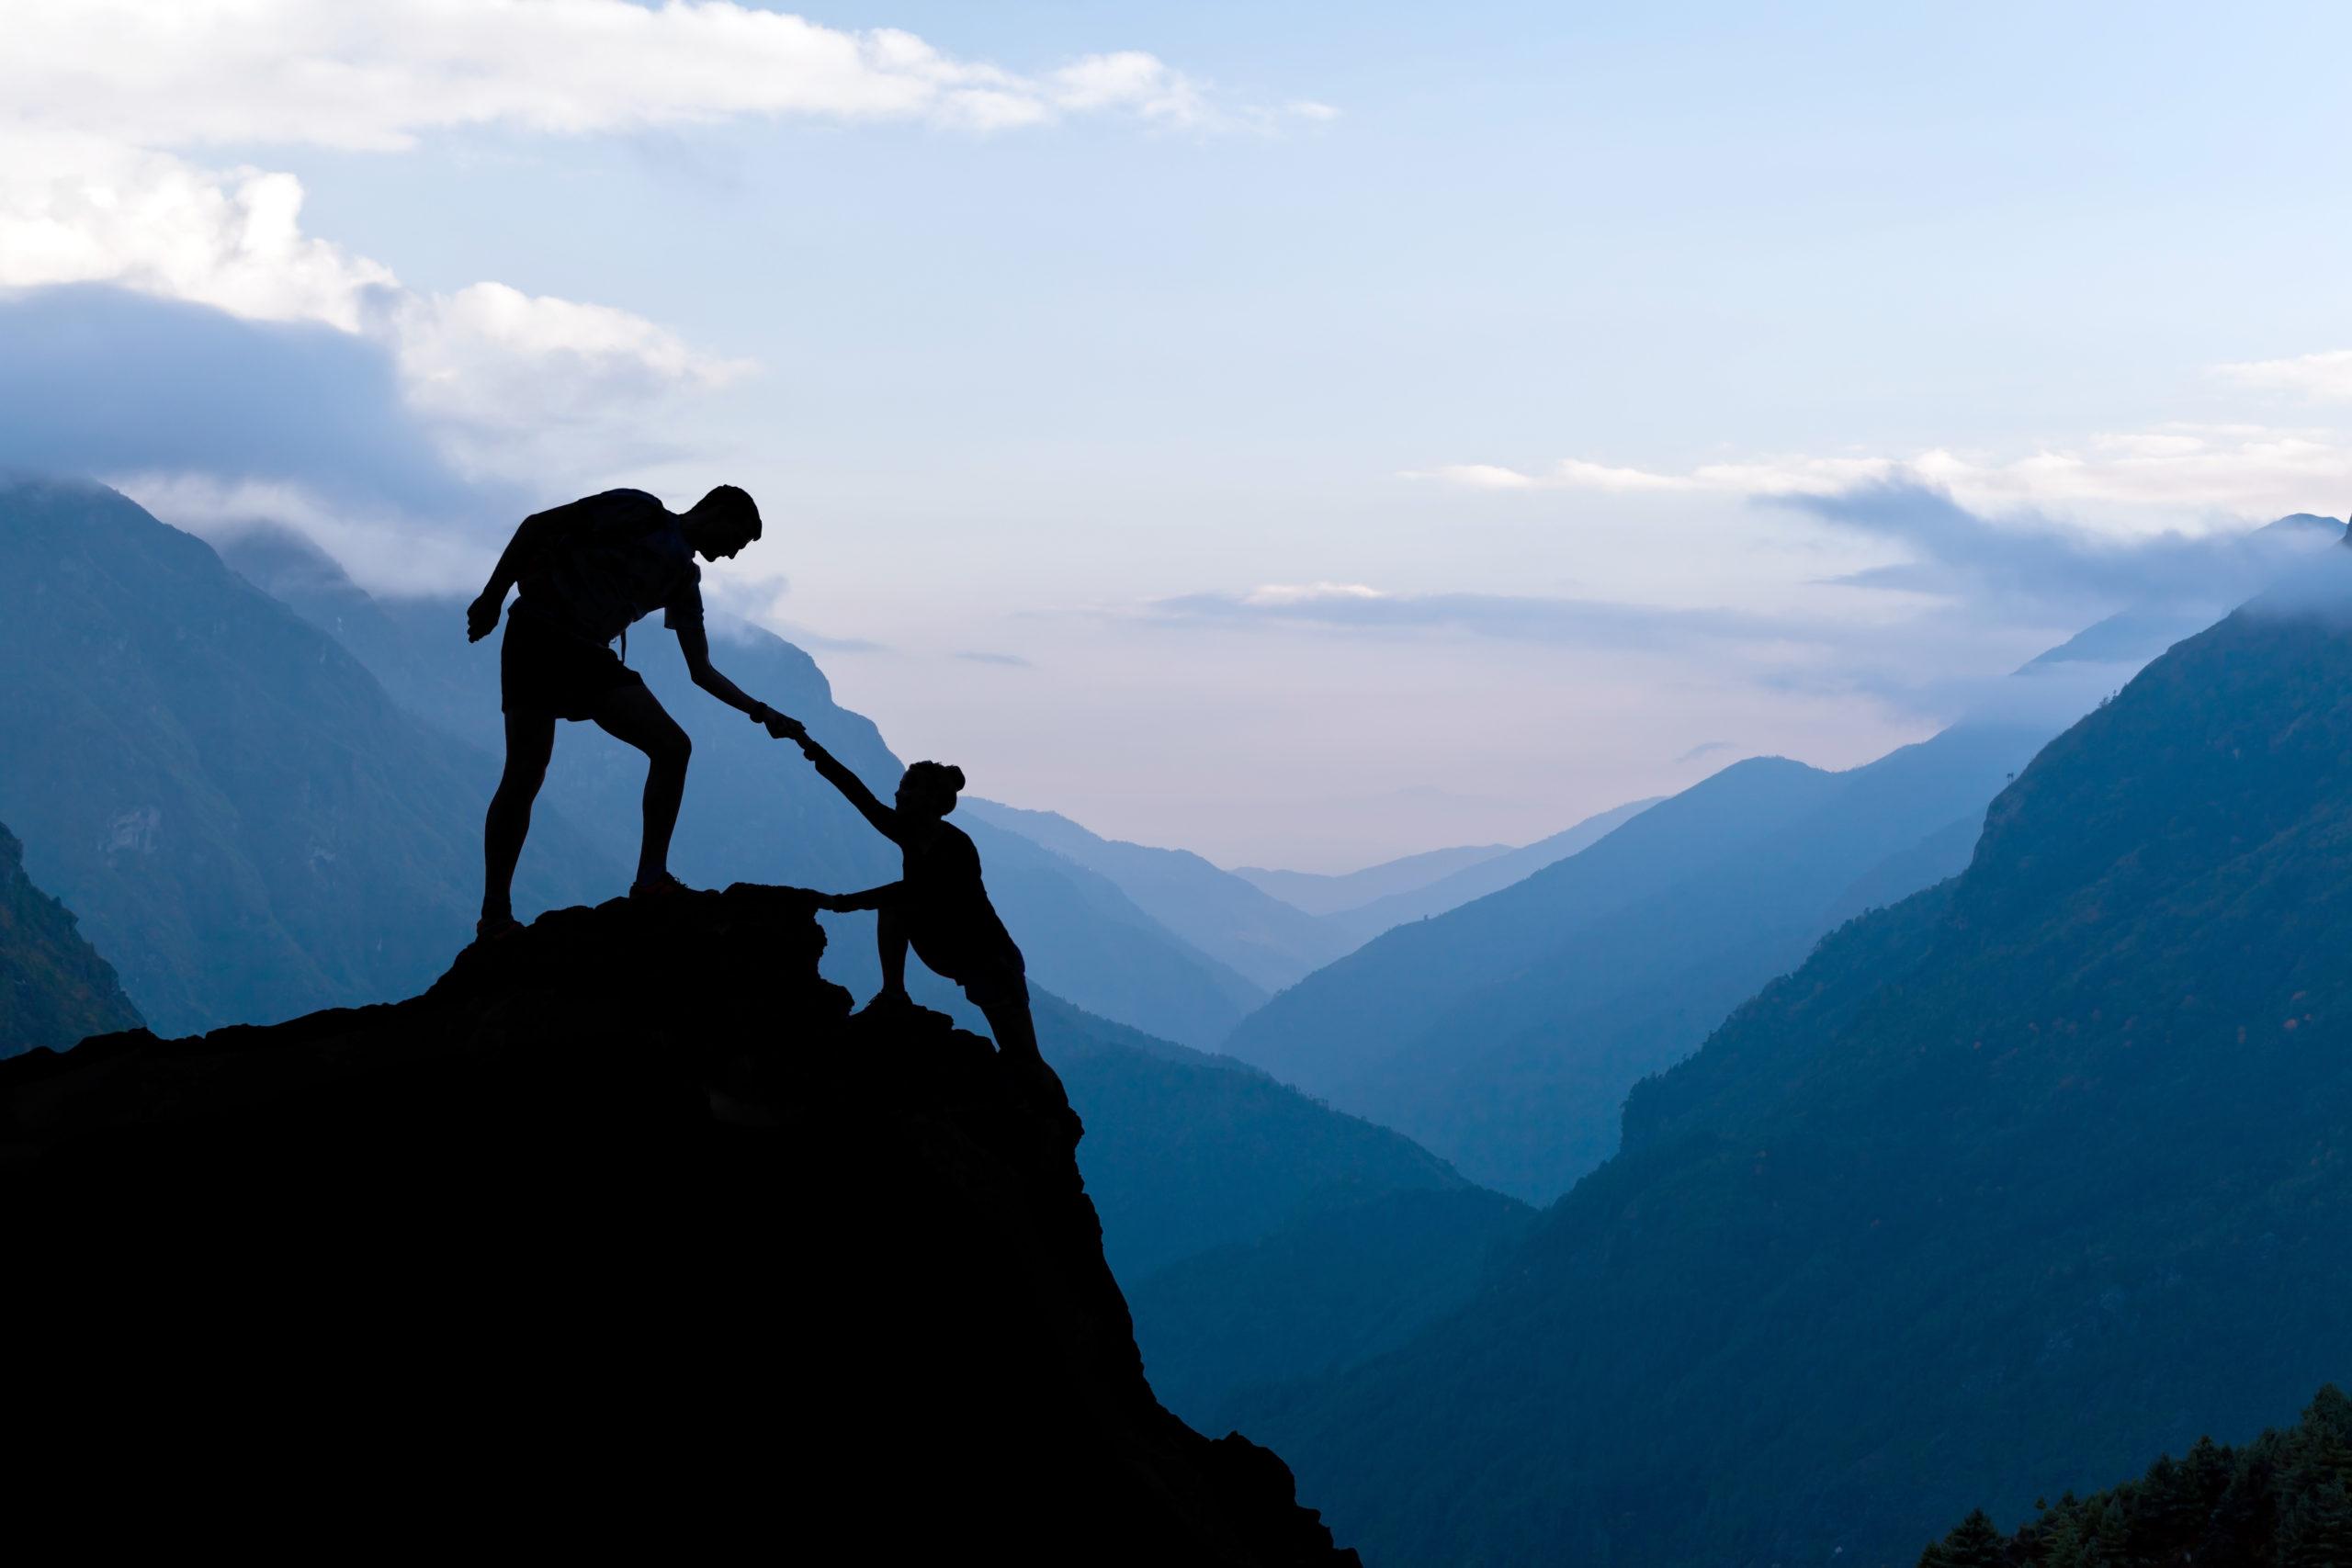 Mann hilft Frau auf Berg Silhouette Berge